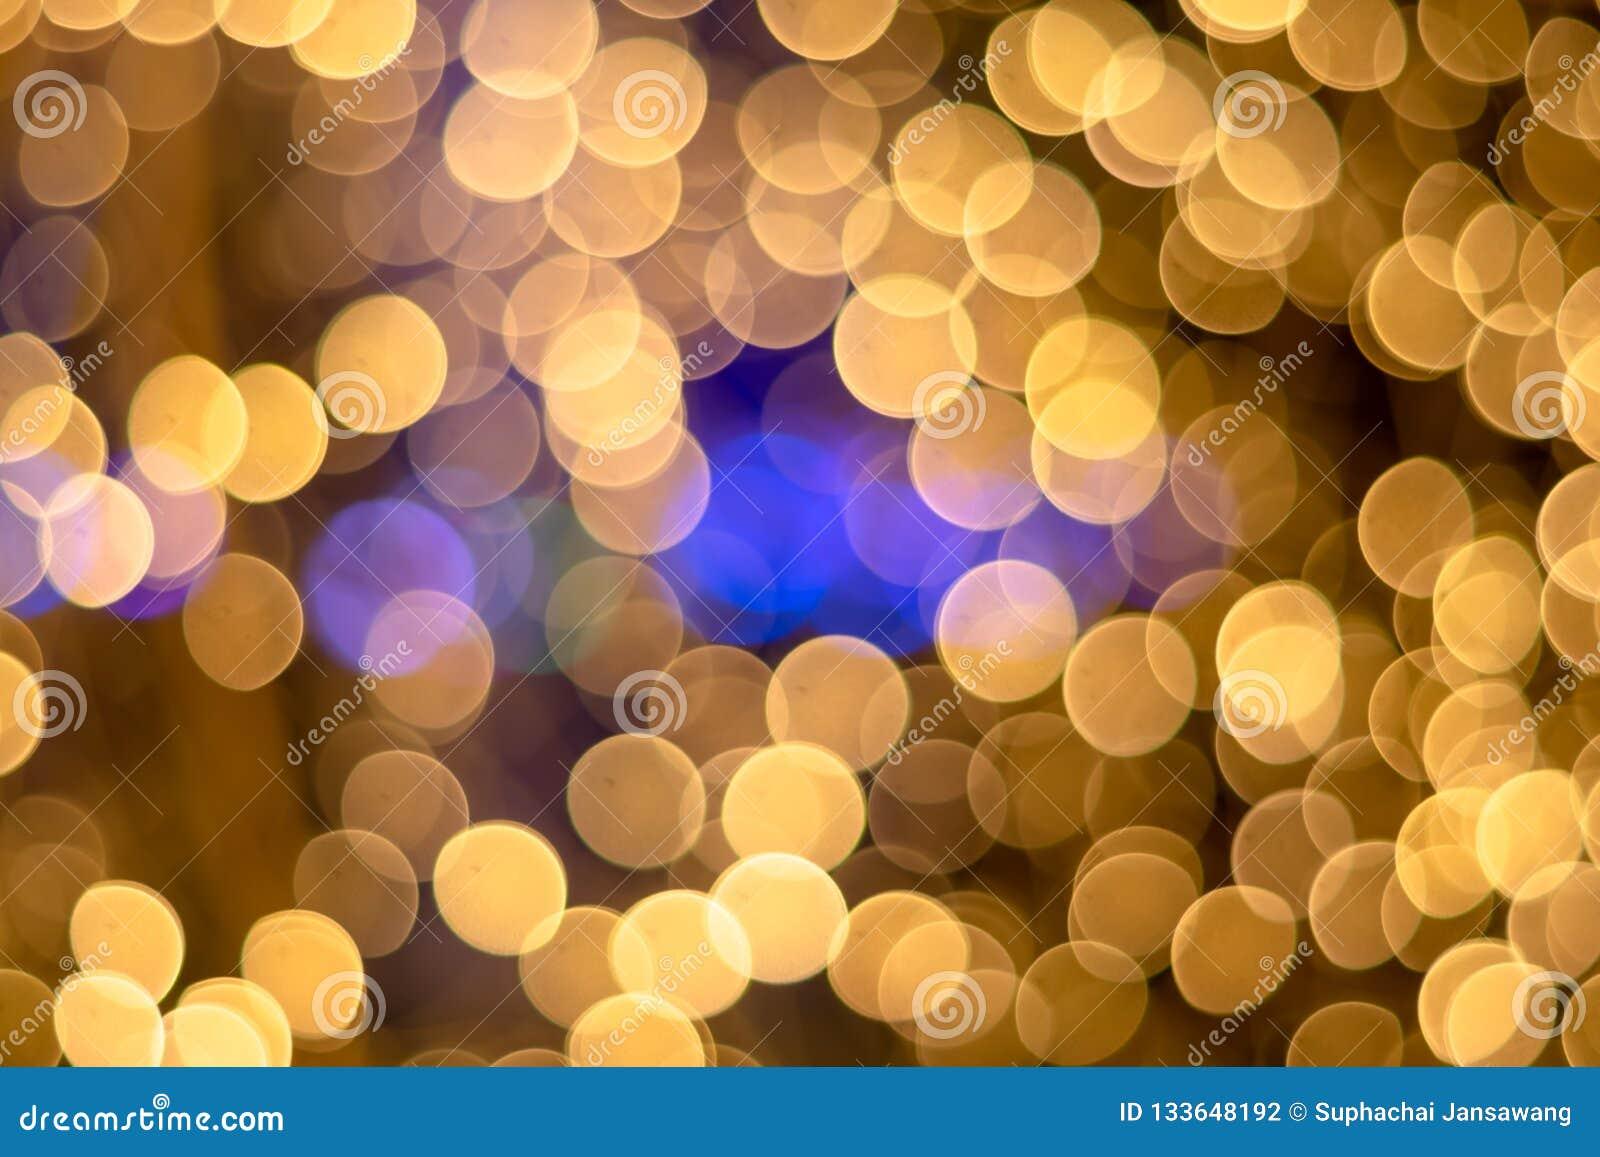 ฺChristmasBokeh guld- ljus bakgrund härlig lampa